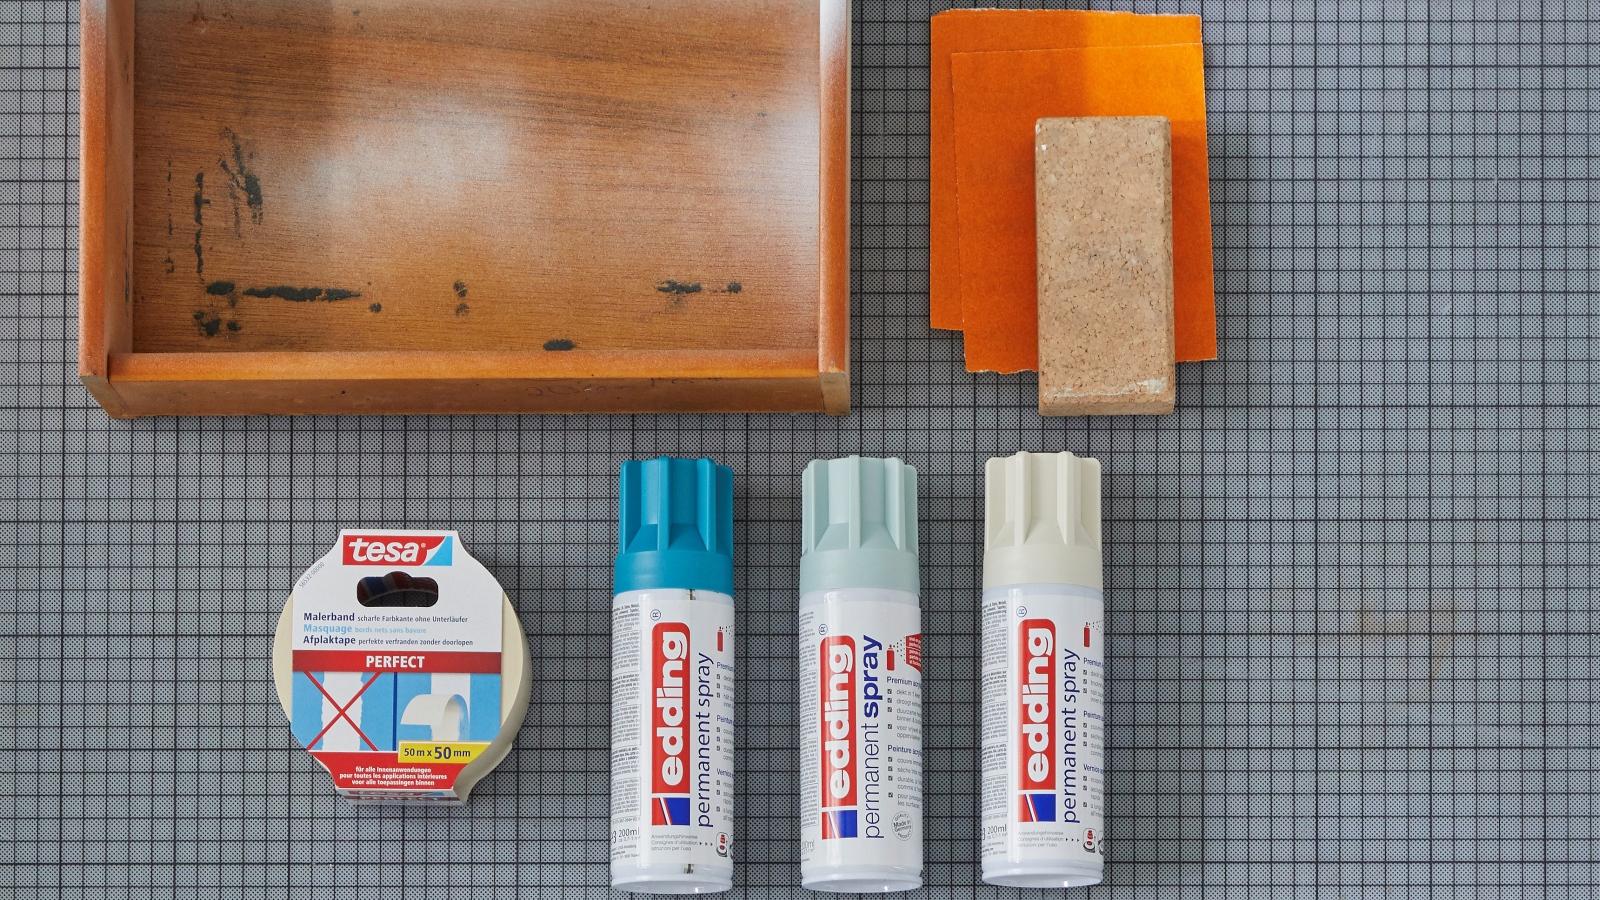 Schublade von Kommode und edding Farbspray in 3 Farben.